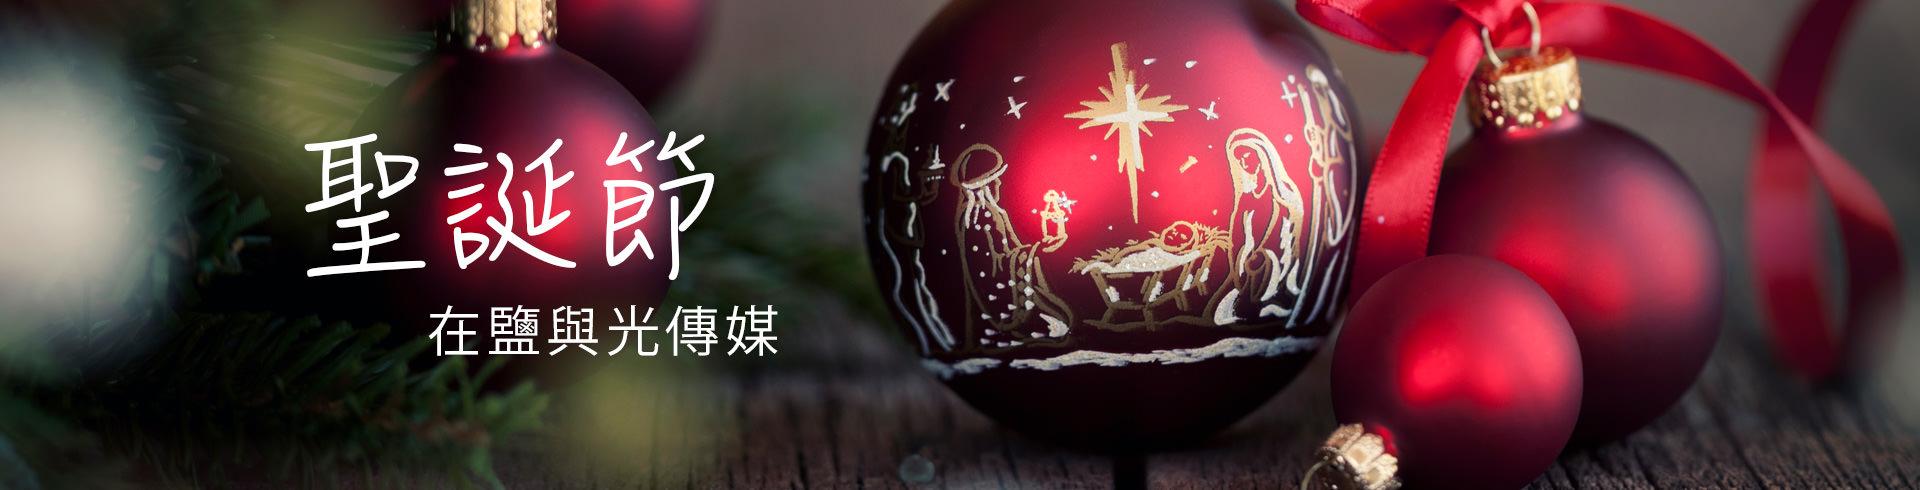 聖誕主題專頁